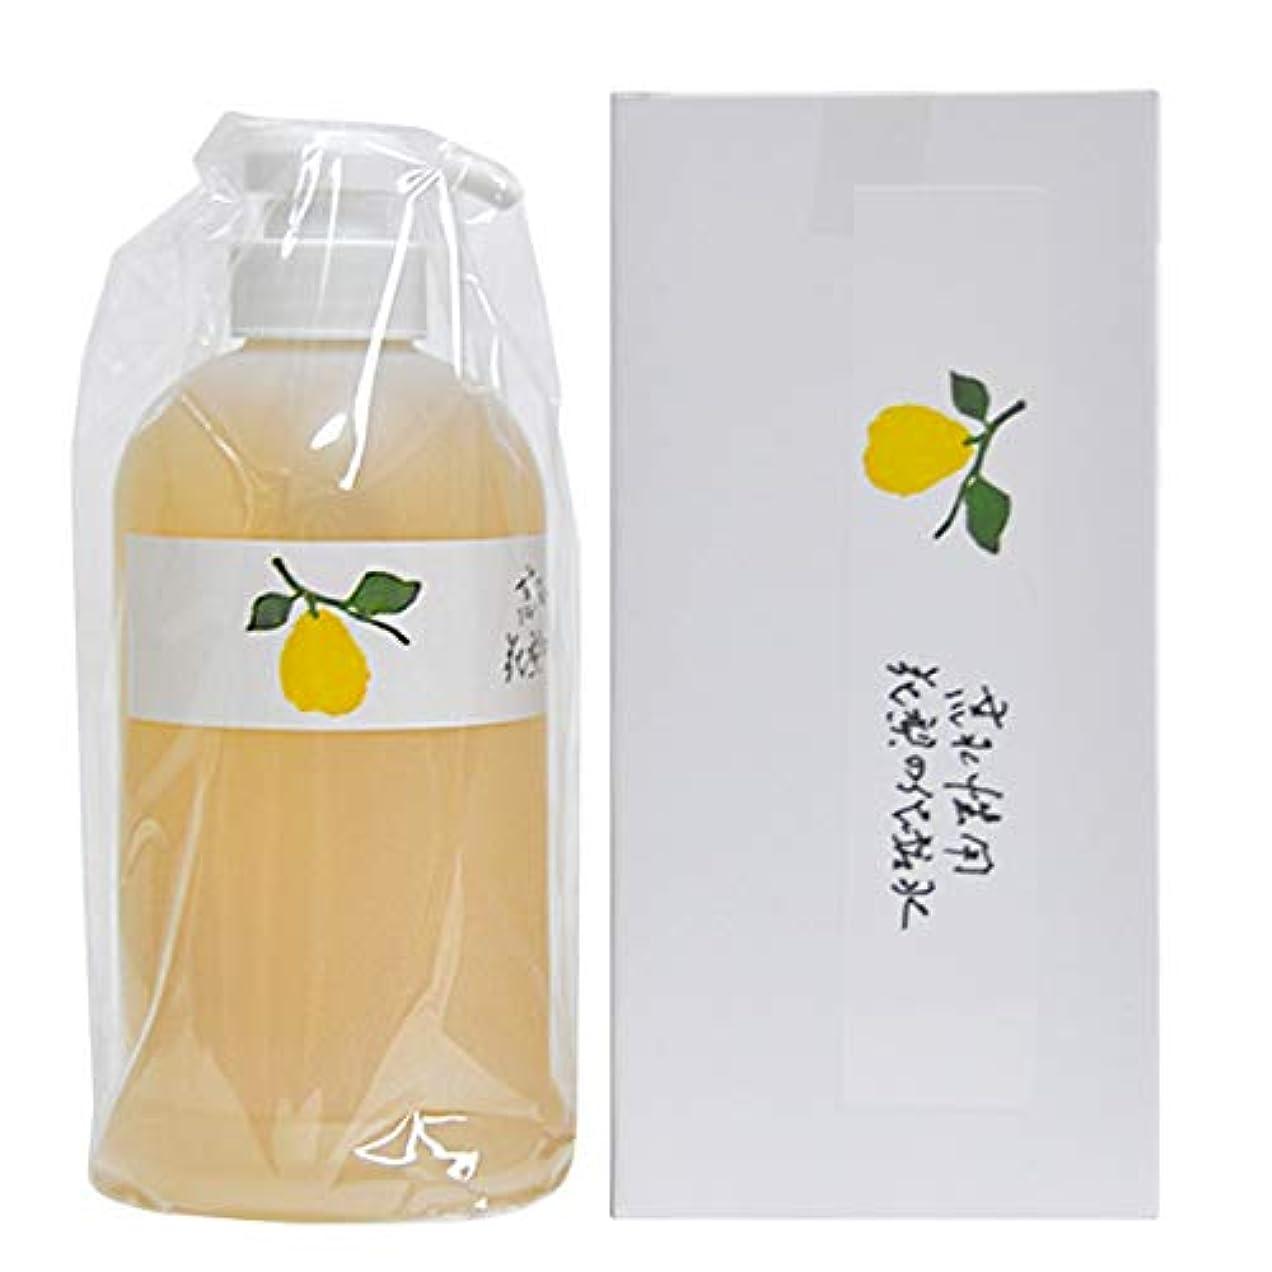 下る許容できる腐敗した花梨の化粧水 お徳用ホームサイズ 630ml